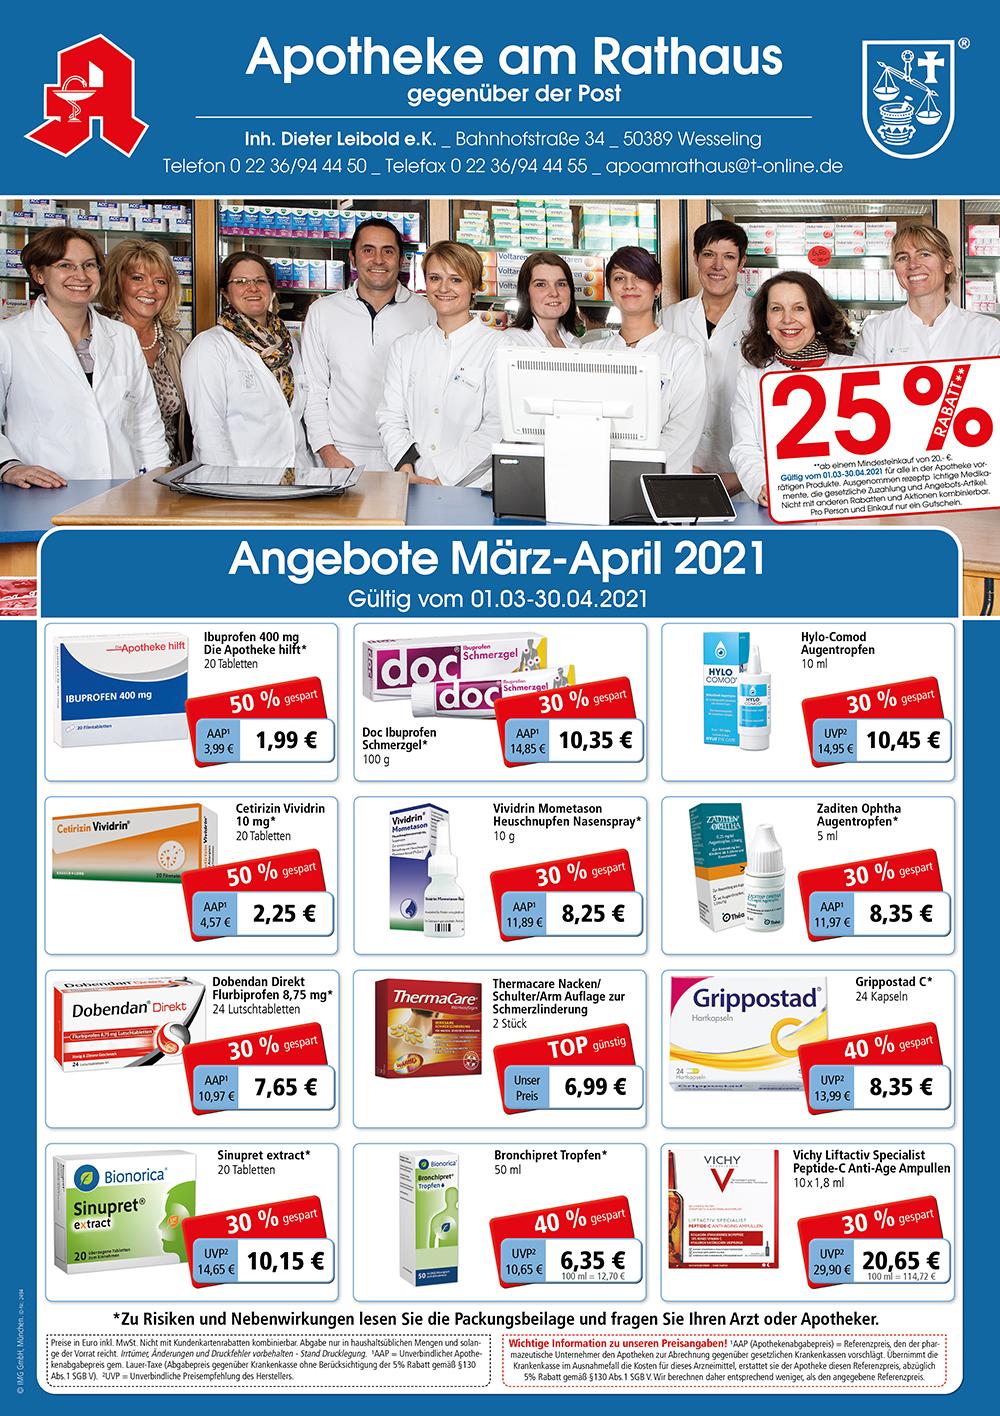 http://www.apotheken.de/fileadmin/clubarea/00000-Angebote/50389_am_rathaus_angebot_1.jpg